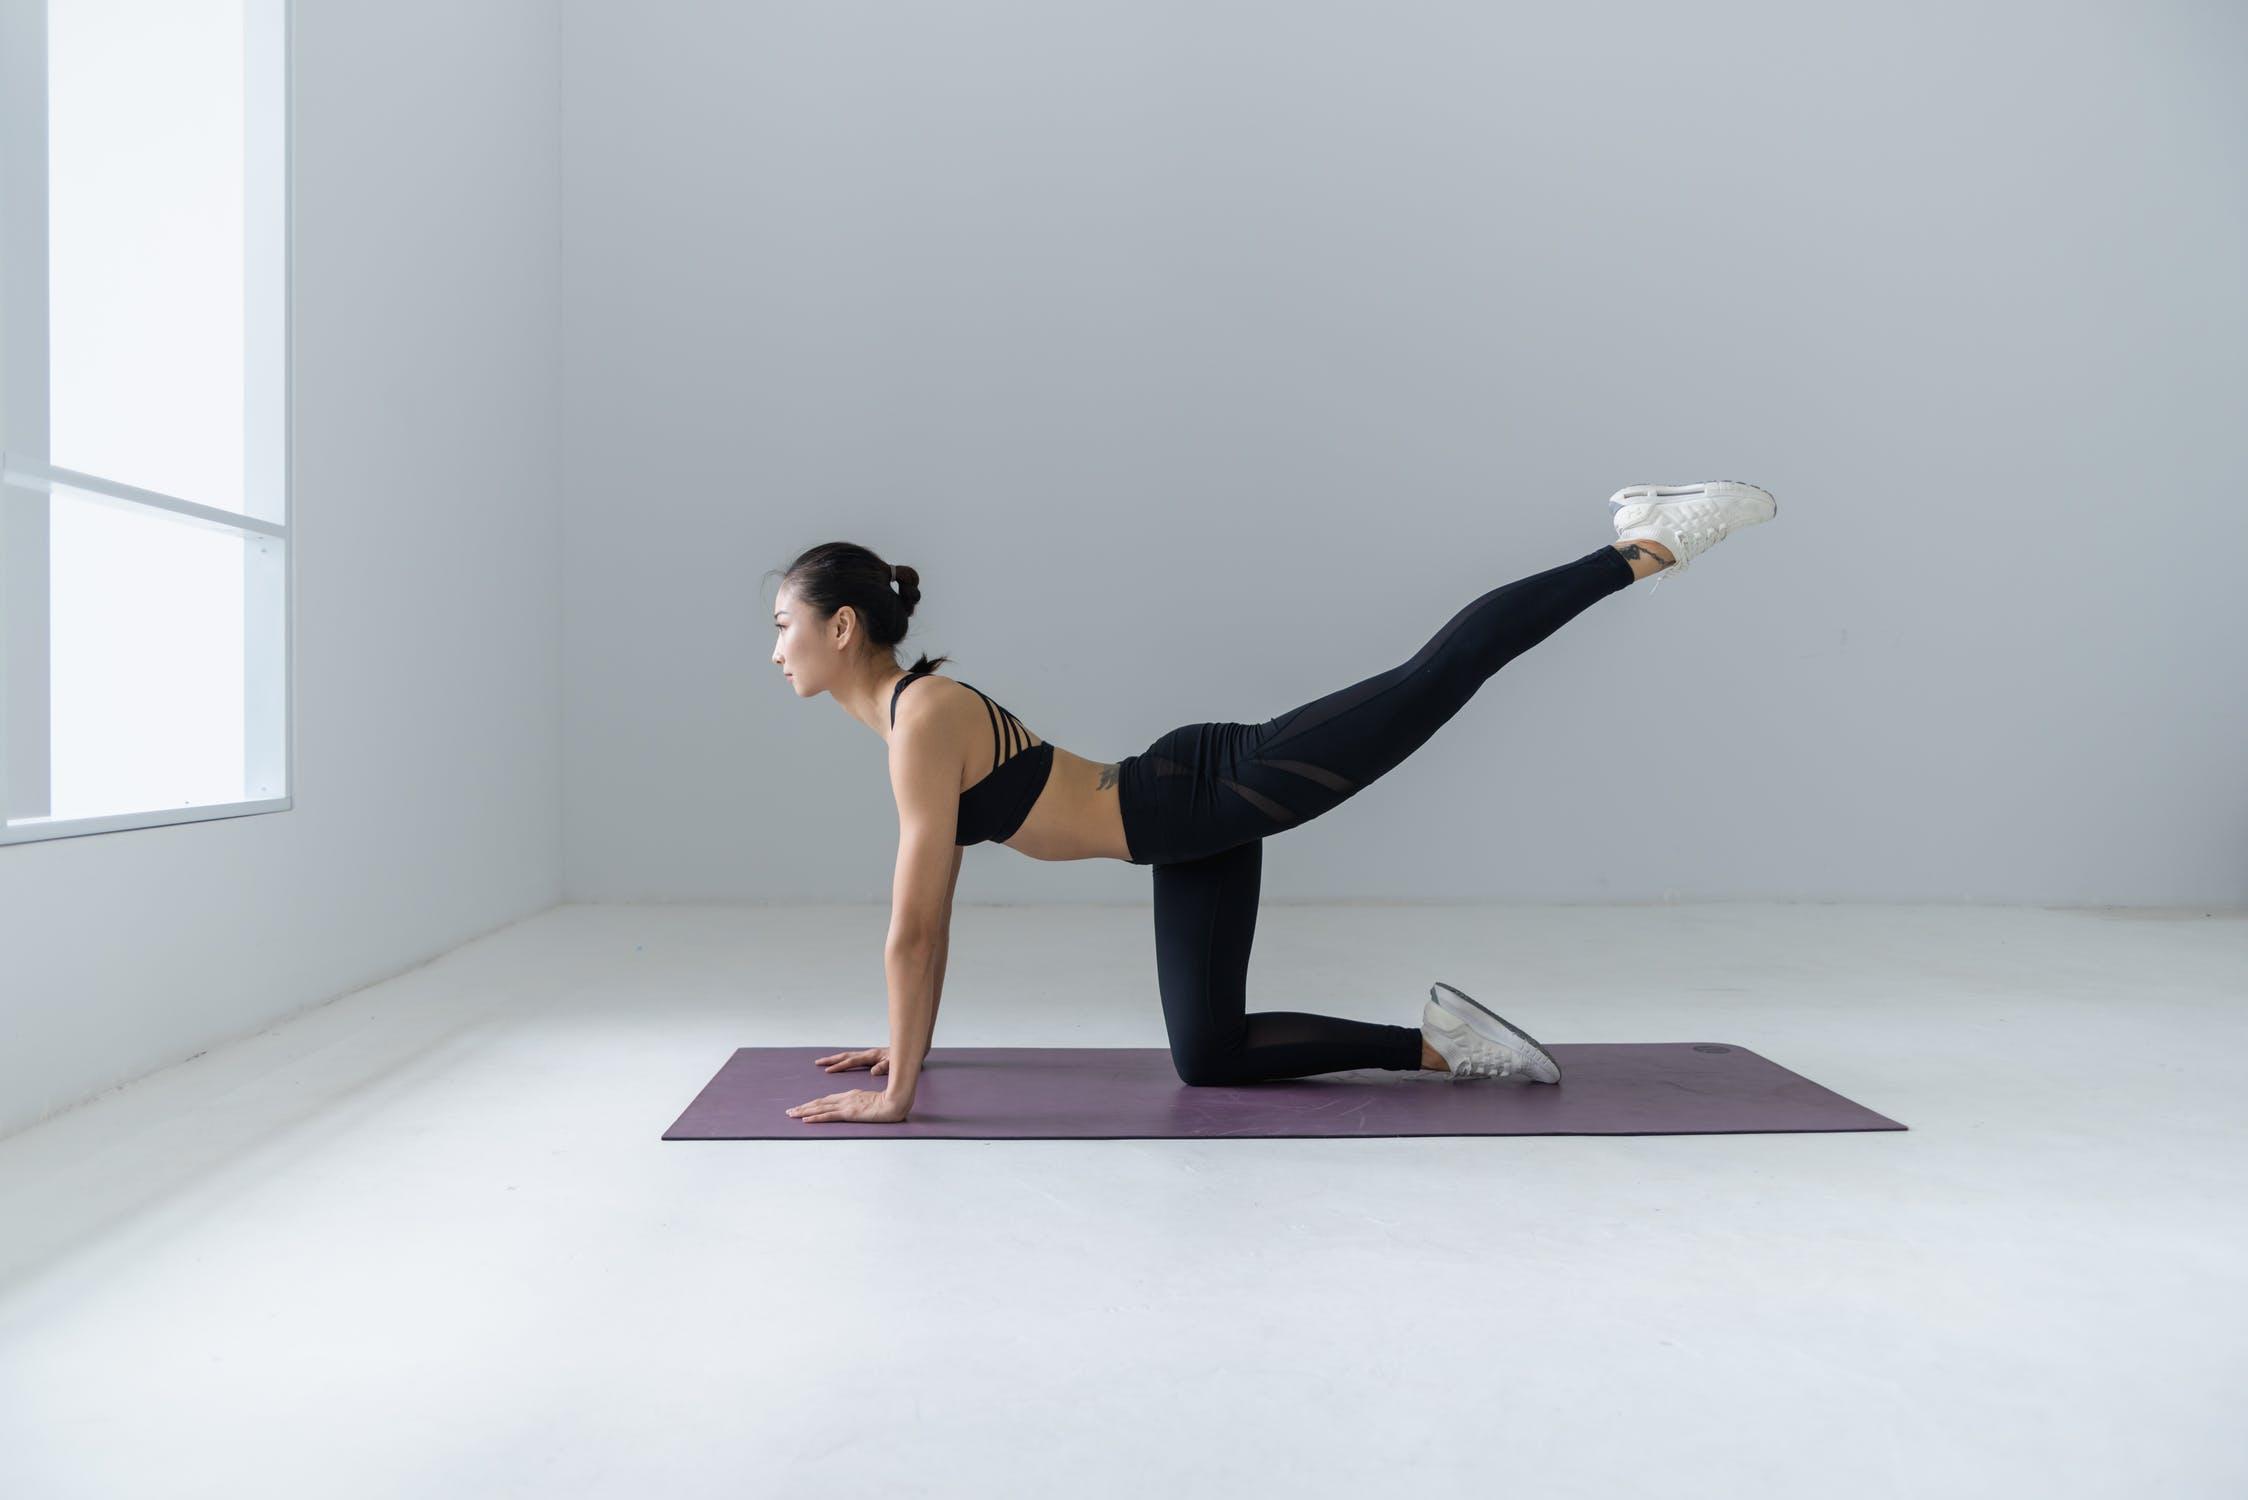 Migliori tappetini Yoga: Guida alla scelta [2020]